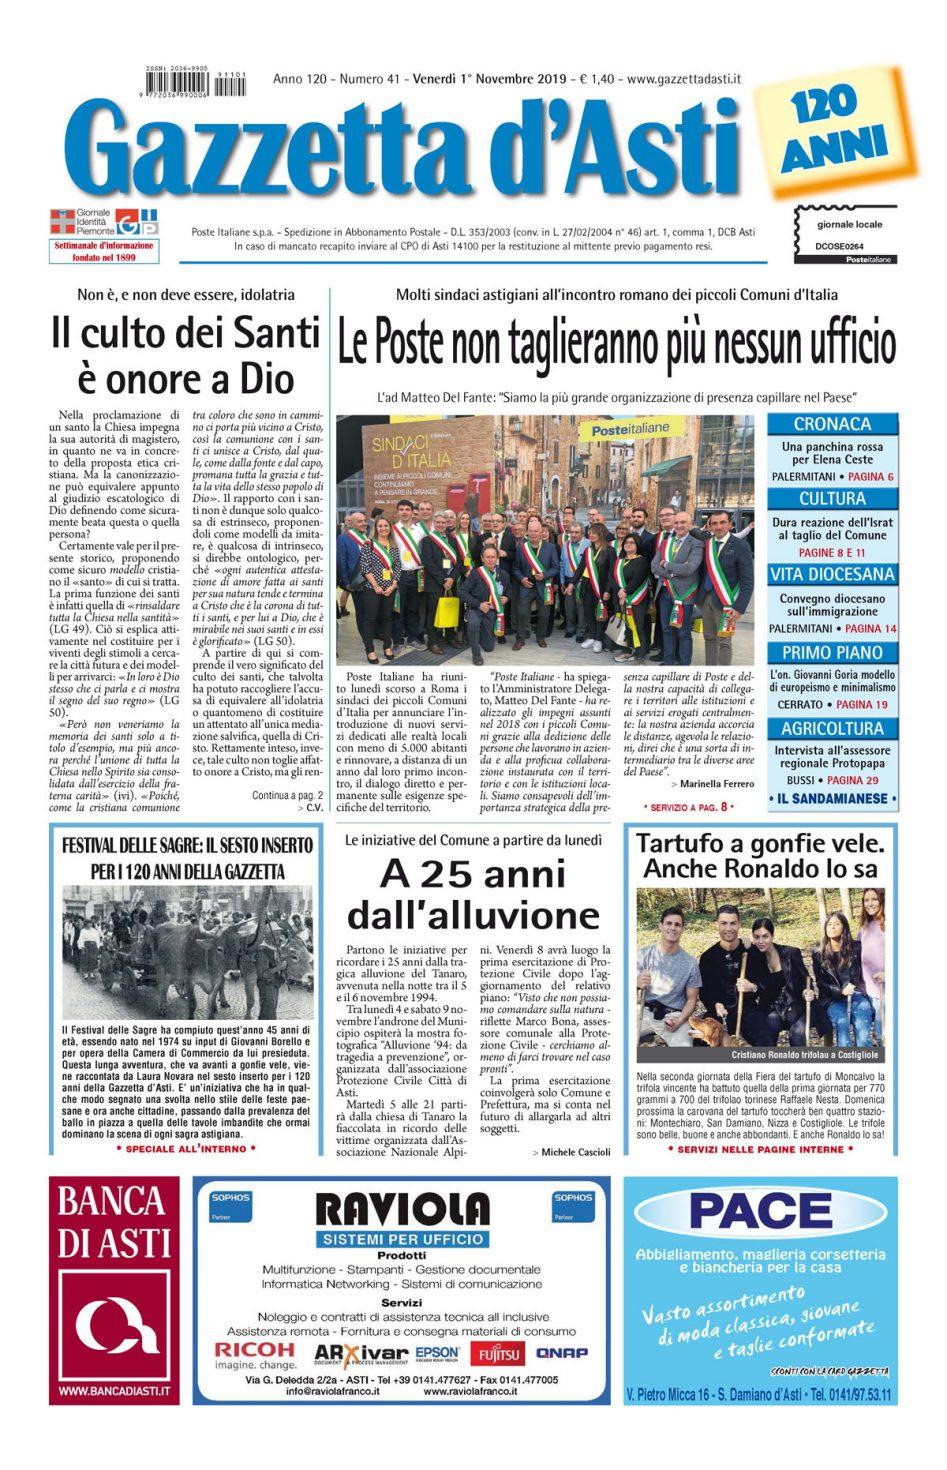 Prima pagina – 1 novembre 2019